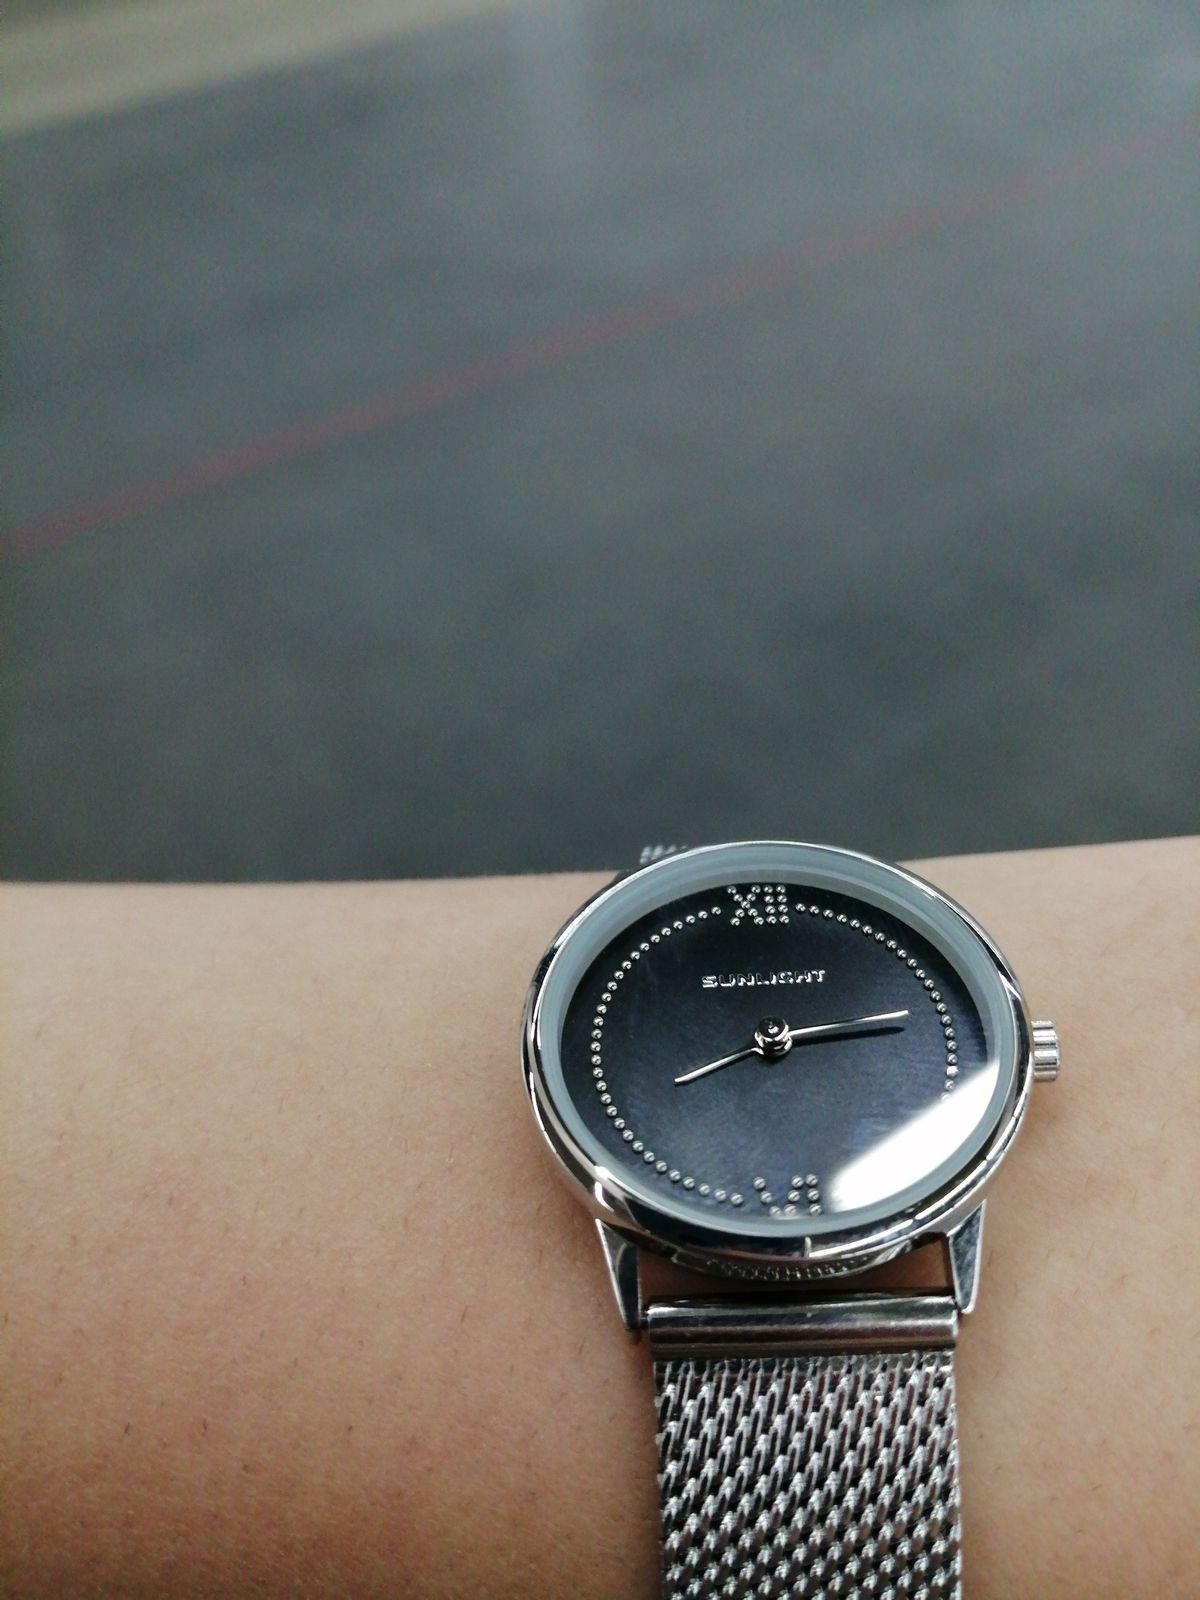 Часы хорошие, дизайн классный